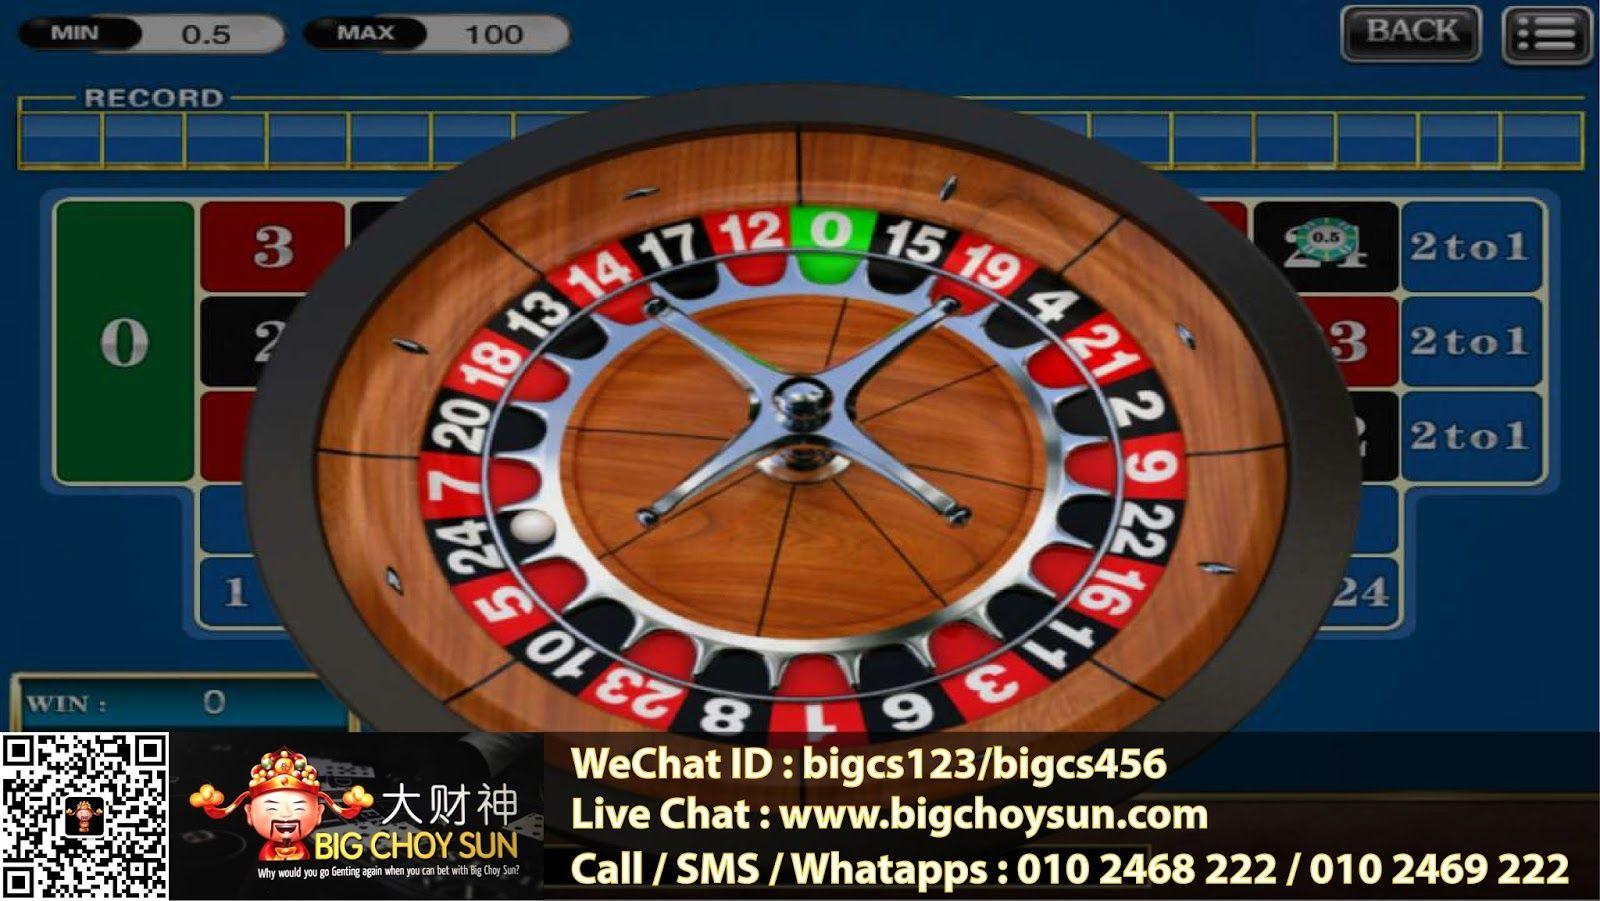 Bermuda games roulette georgia gambling